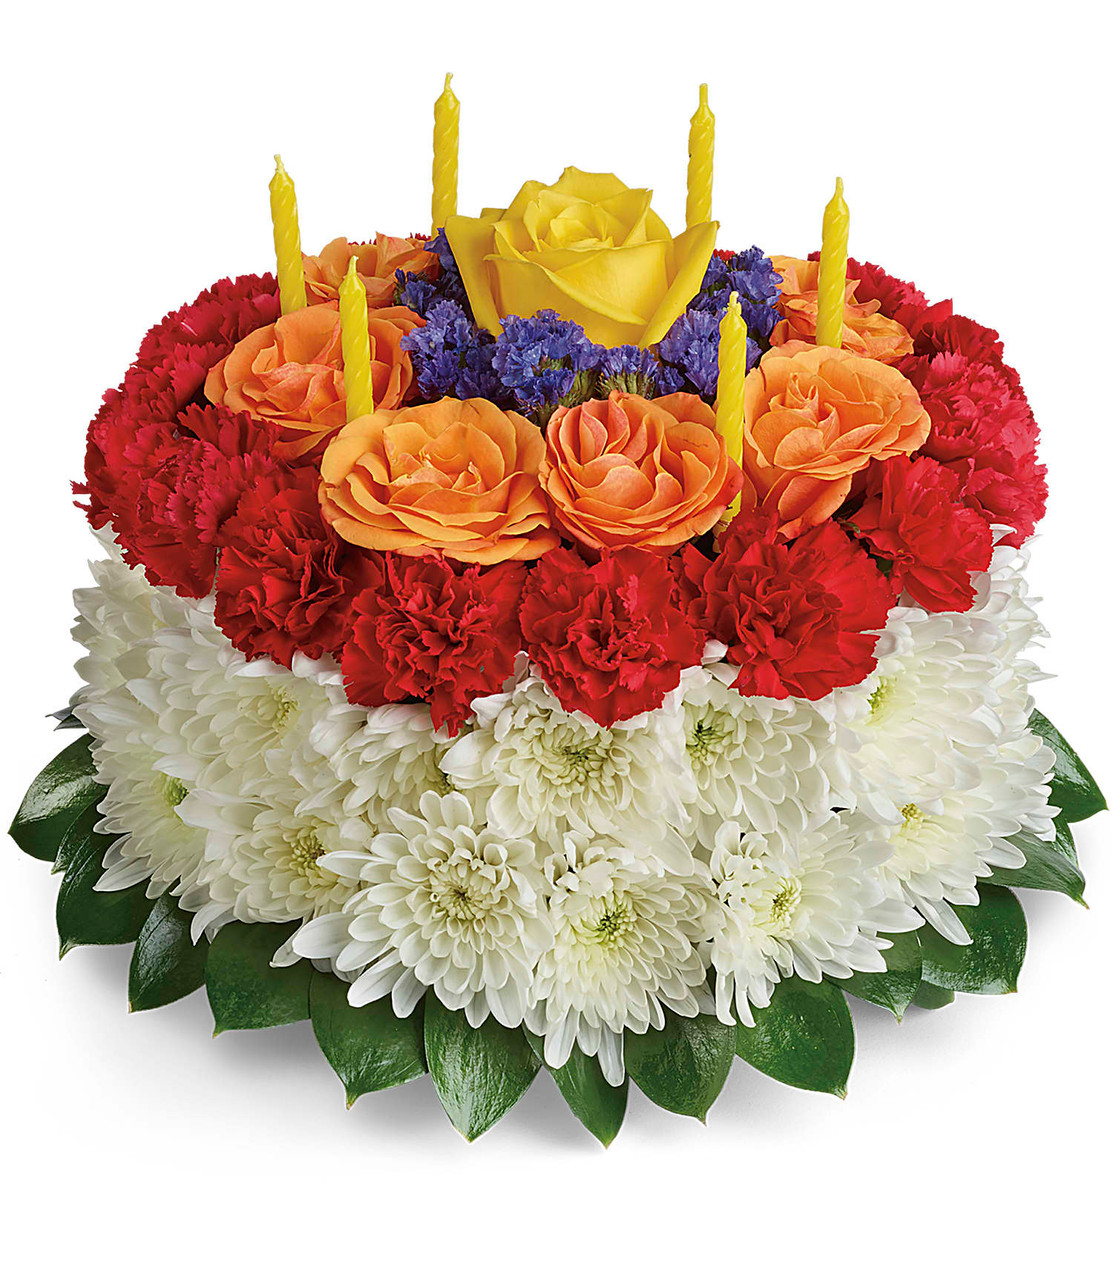 Make A Wish Birthday Cake Flower Bouquet